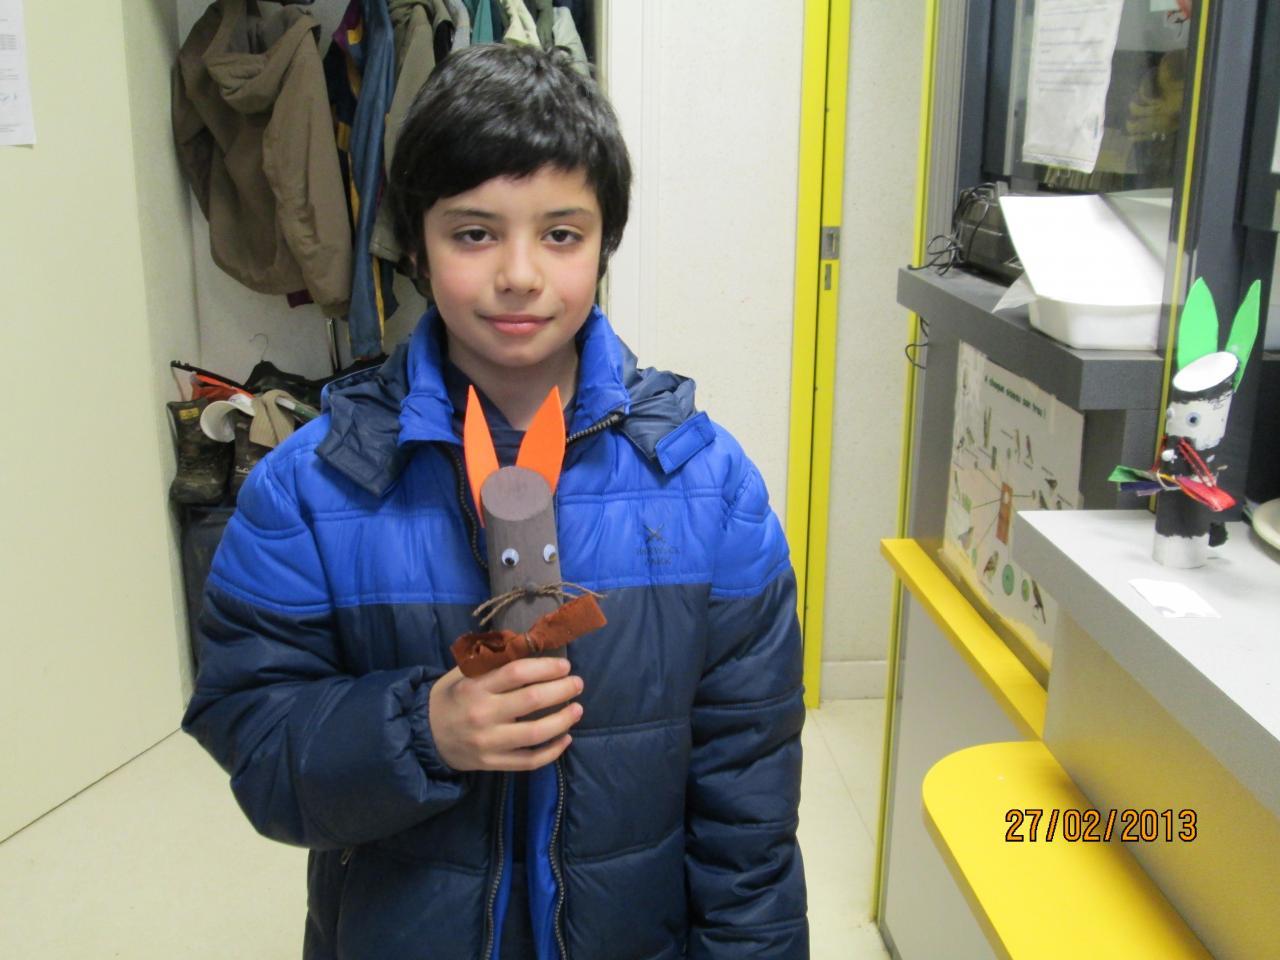 Tiago le vainqueur du concours de lapin